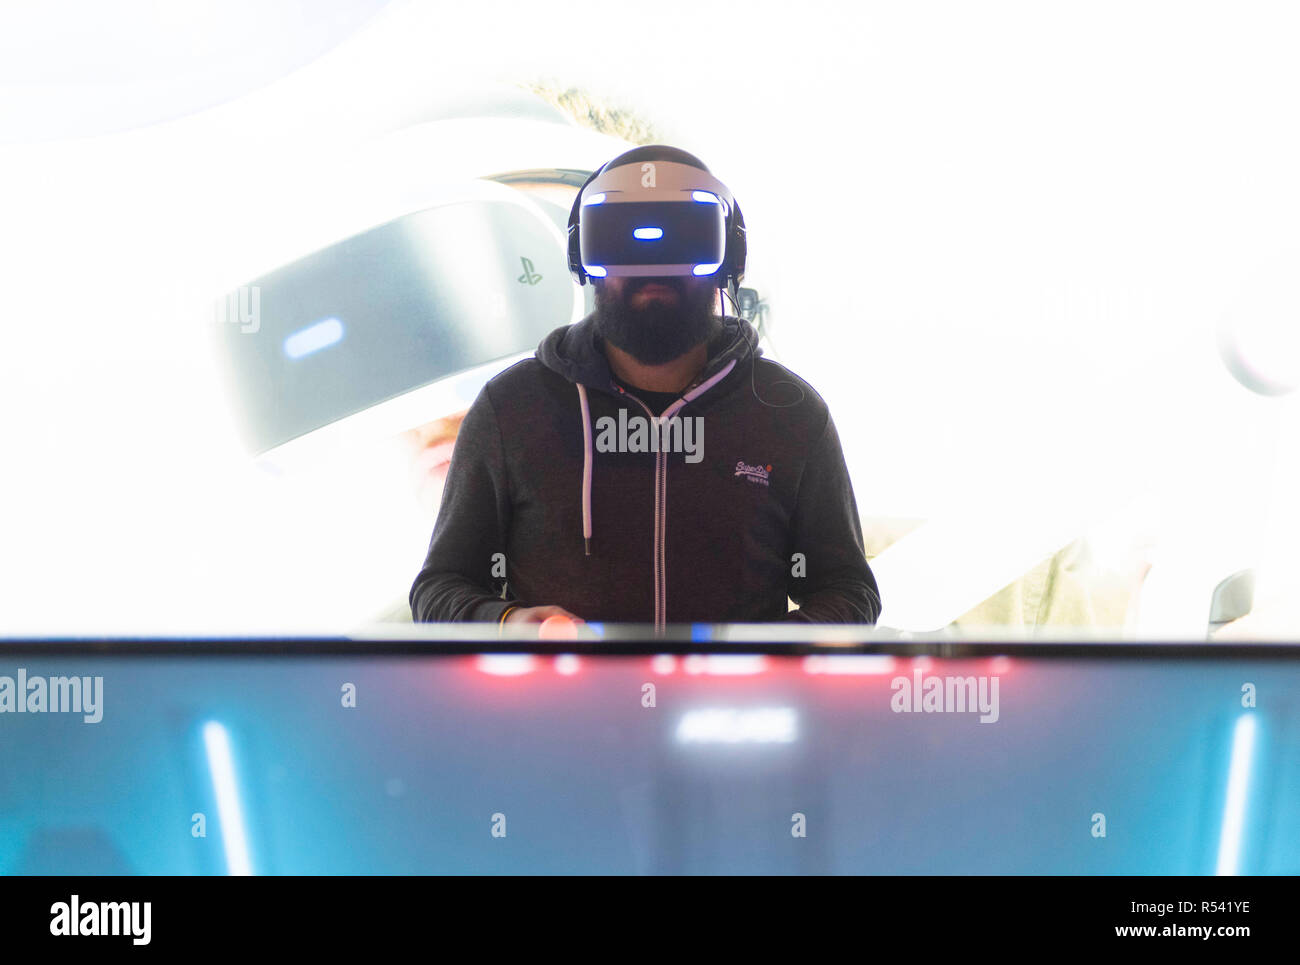 Barcelona, España. El 29 de noviembre, 2018. Un hombre jugando juegos de video con gafas de realidad virtual 3D durante los Juegos de Barcelona de 2018 Mundial en Gran Via Fira el 28 de noviembre de 2018, en Barcelona, España. © Victor Puig/Alamy Live News Imagen De Stock